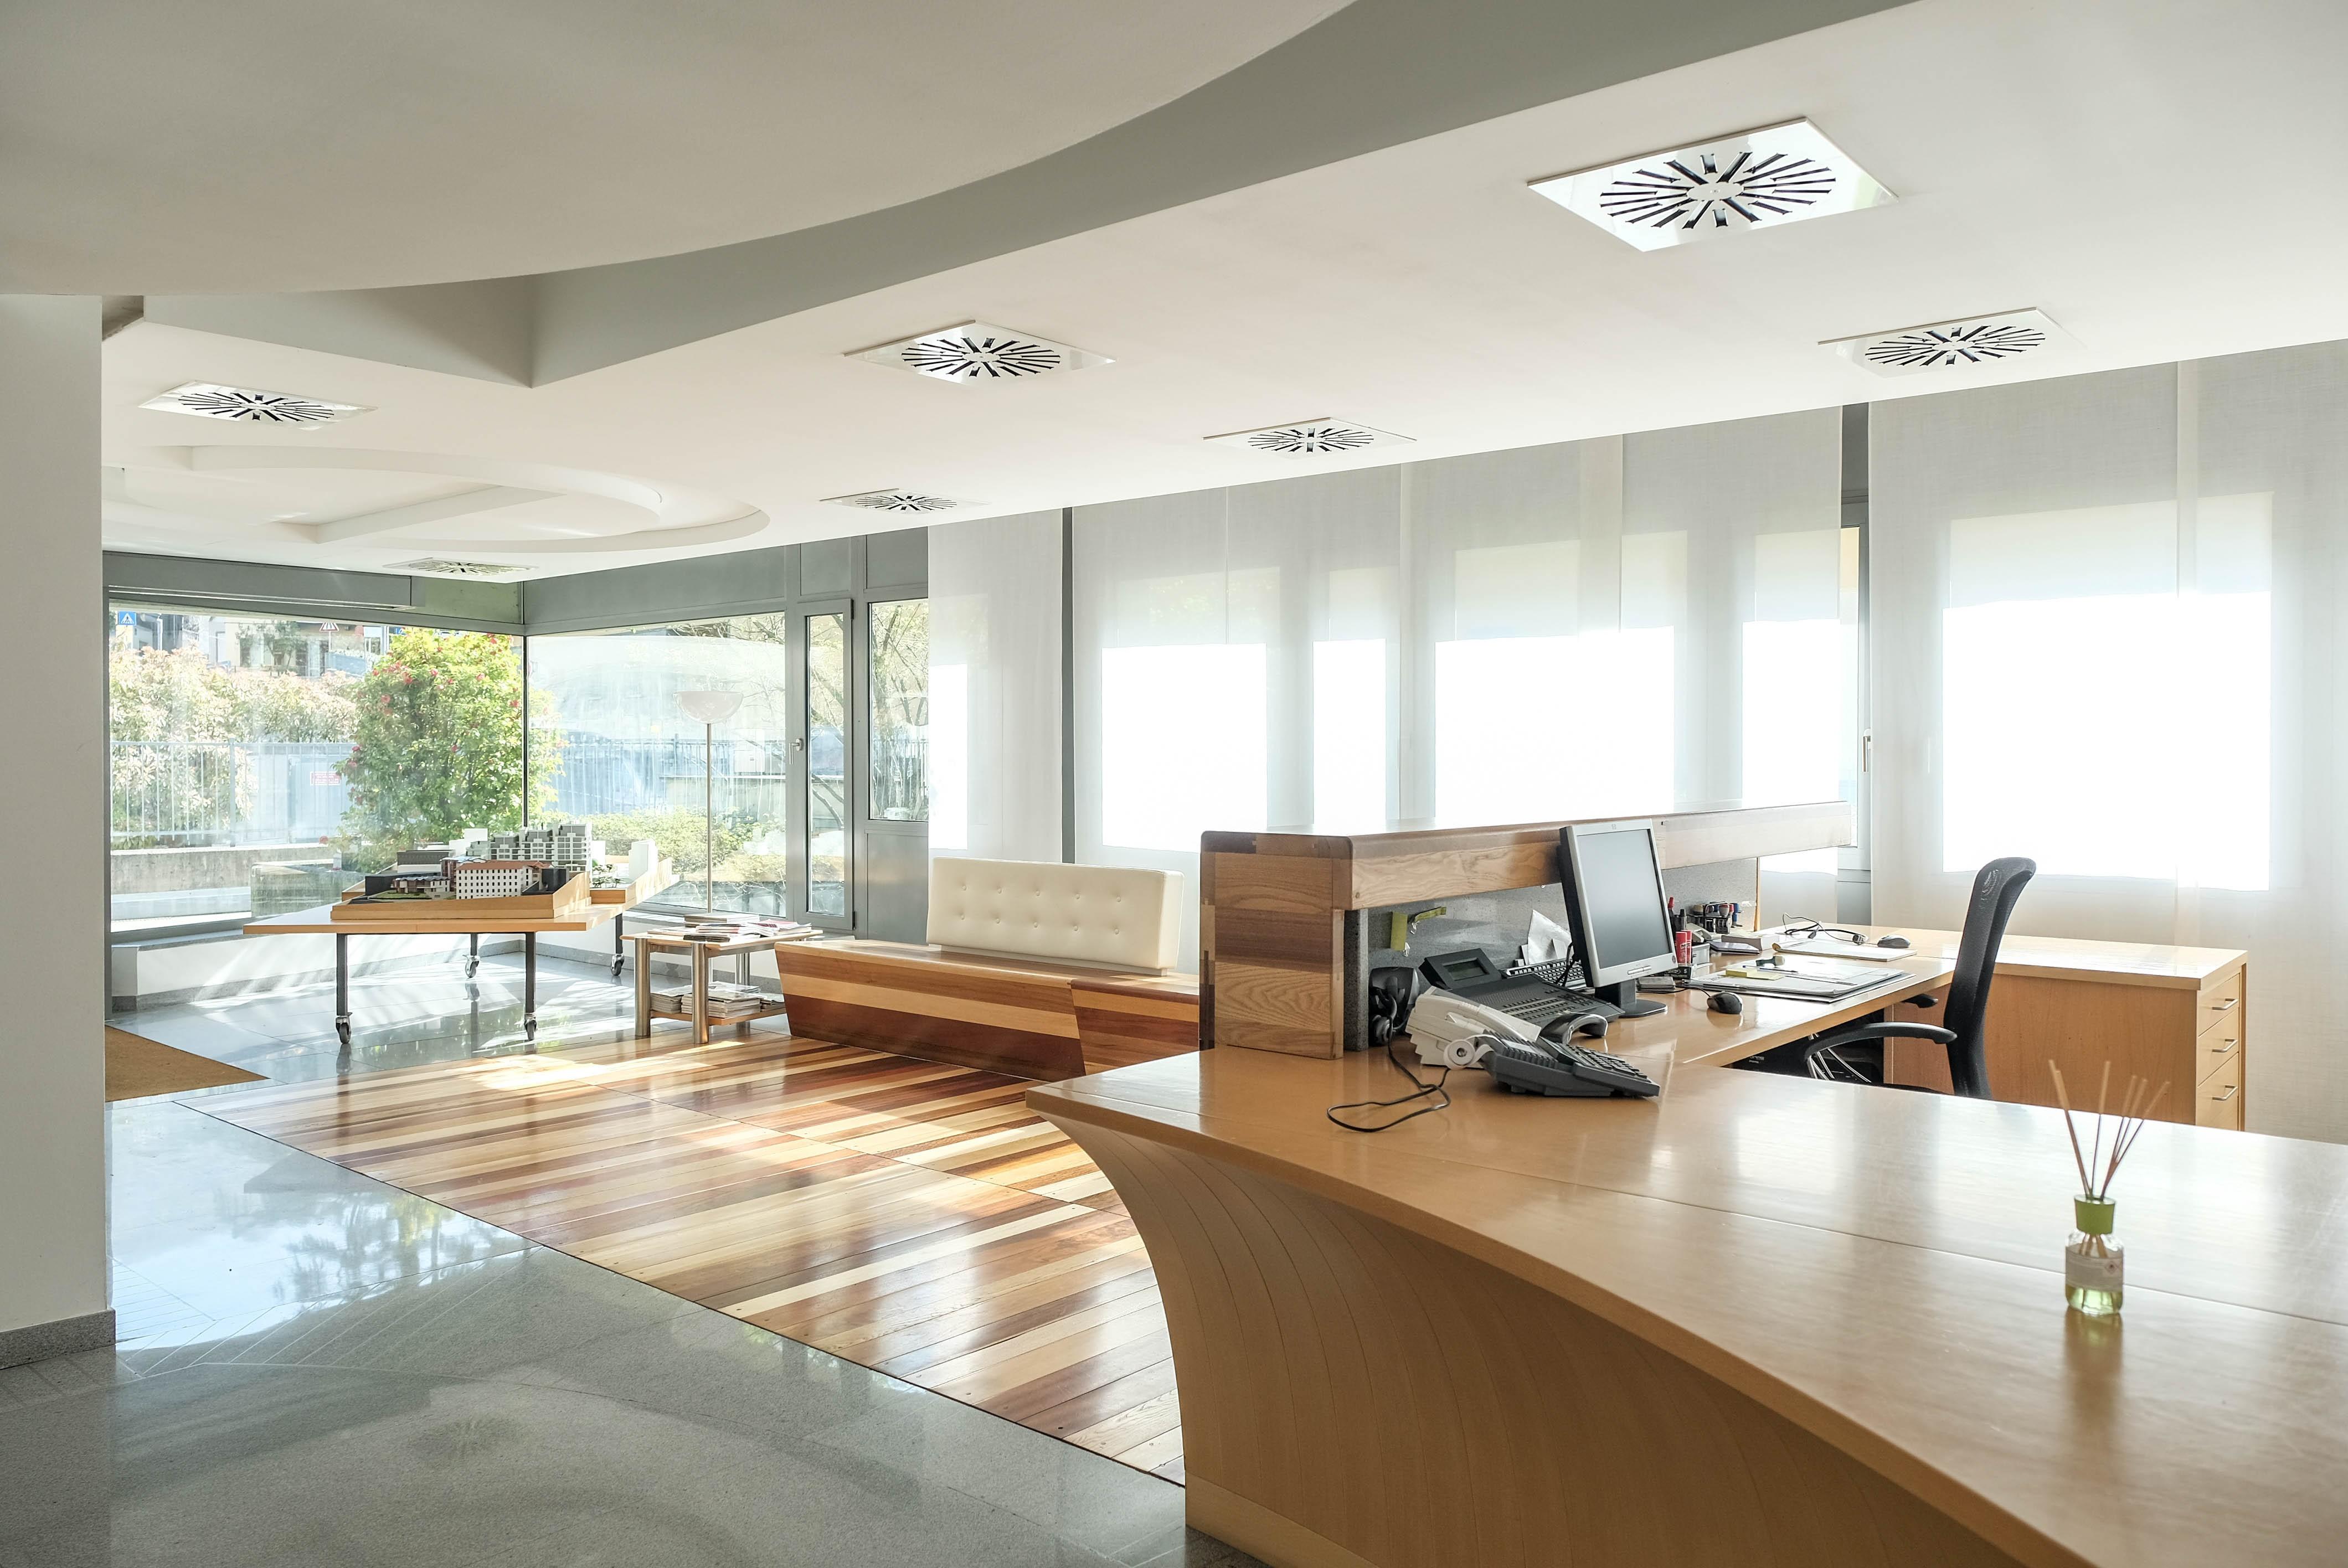 Uffici siti in Lecco